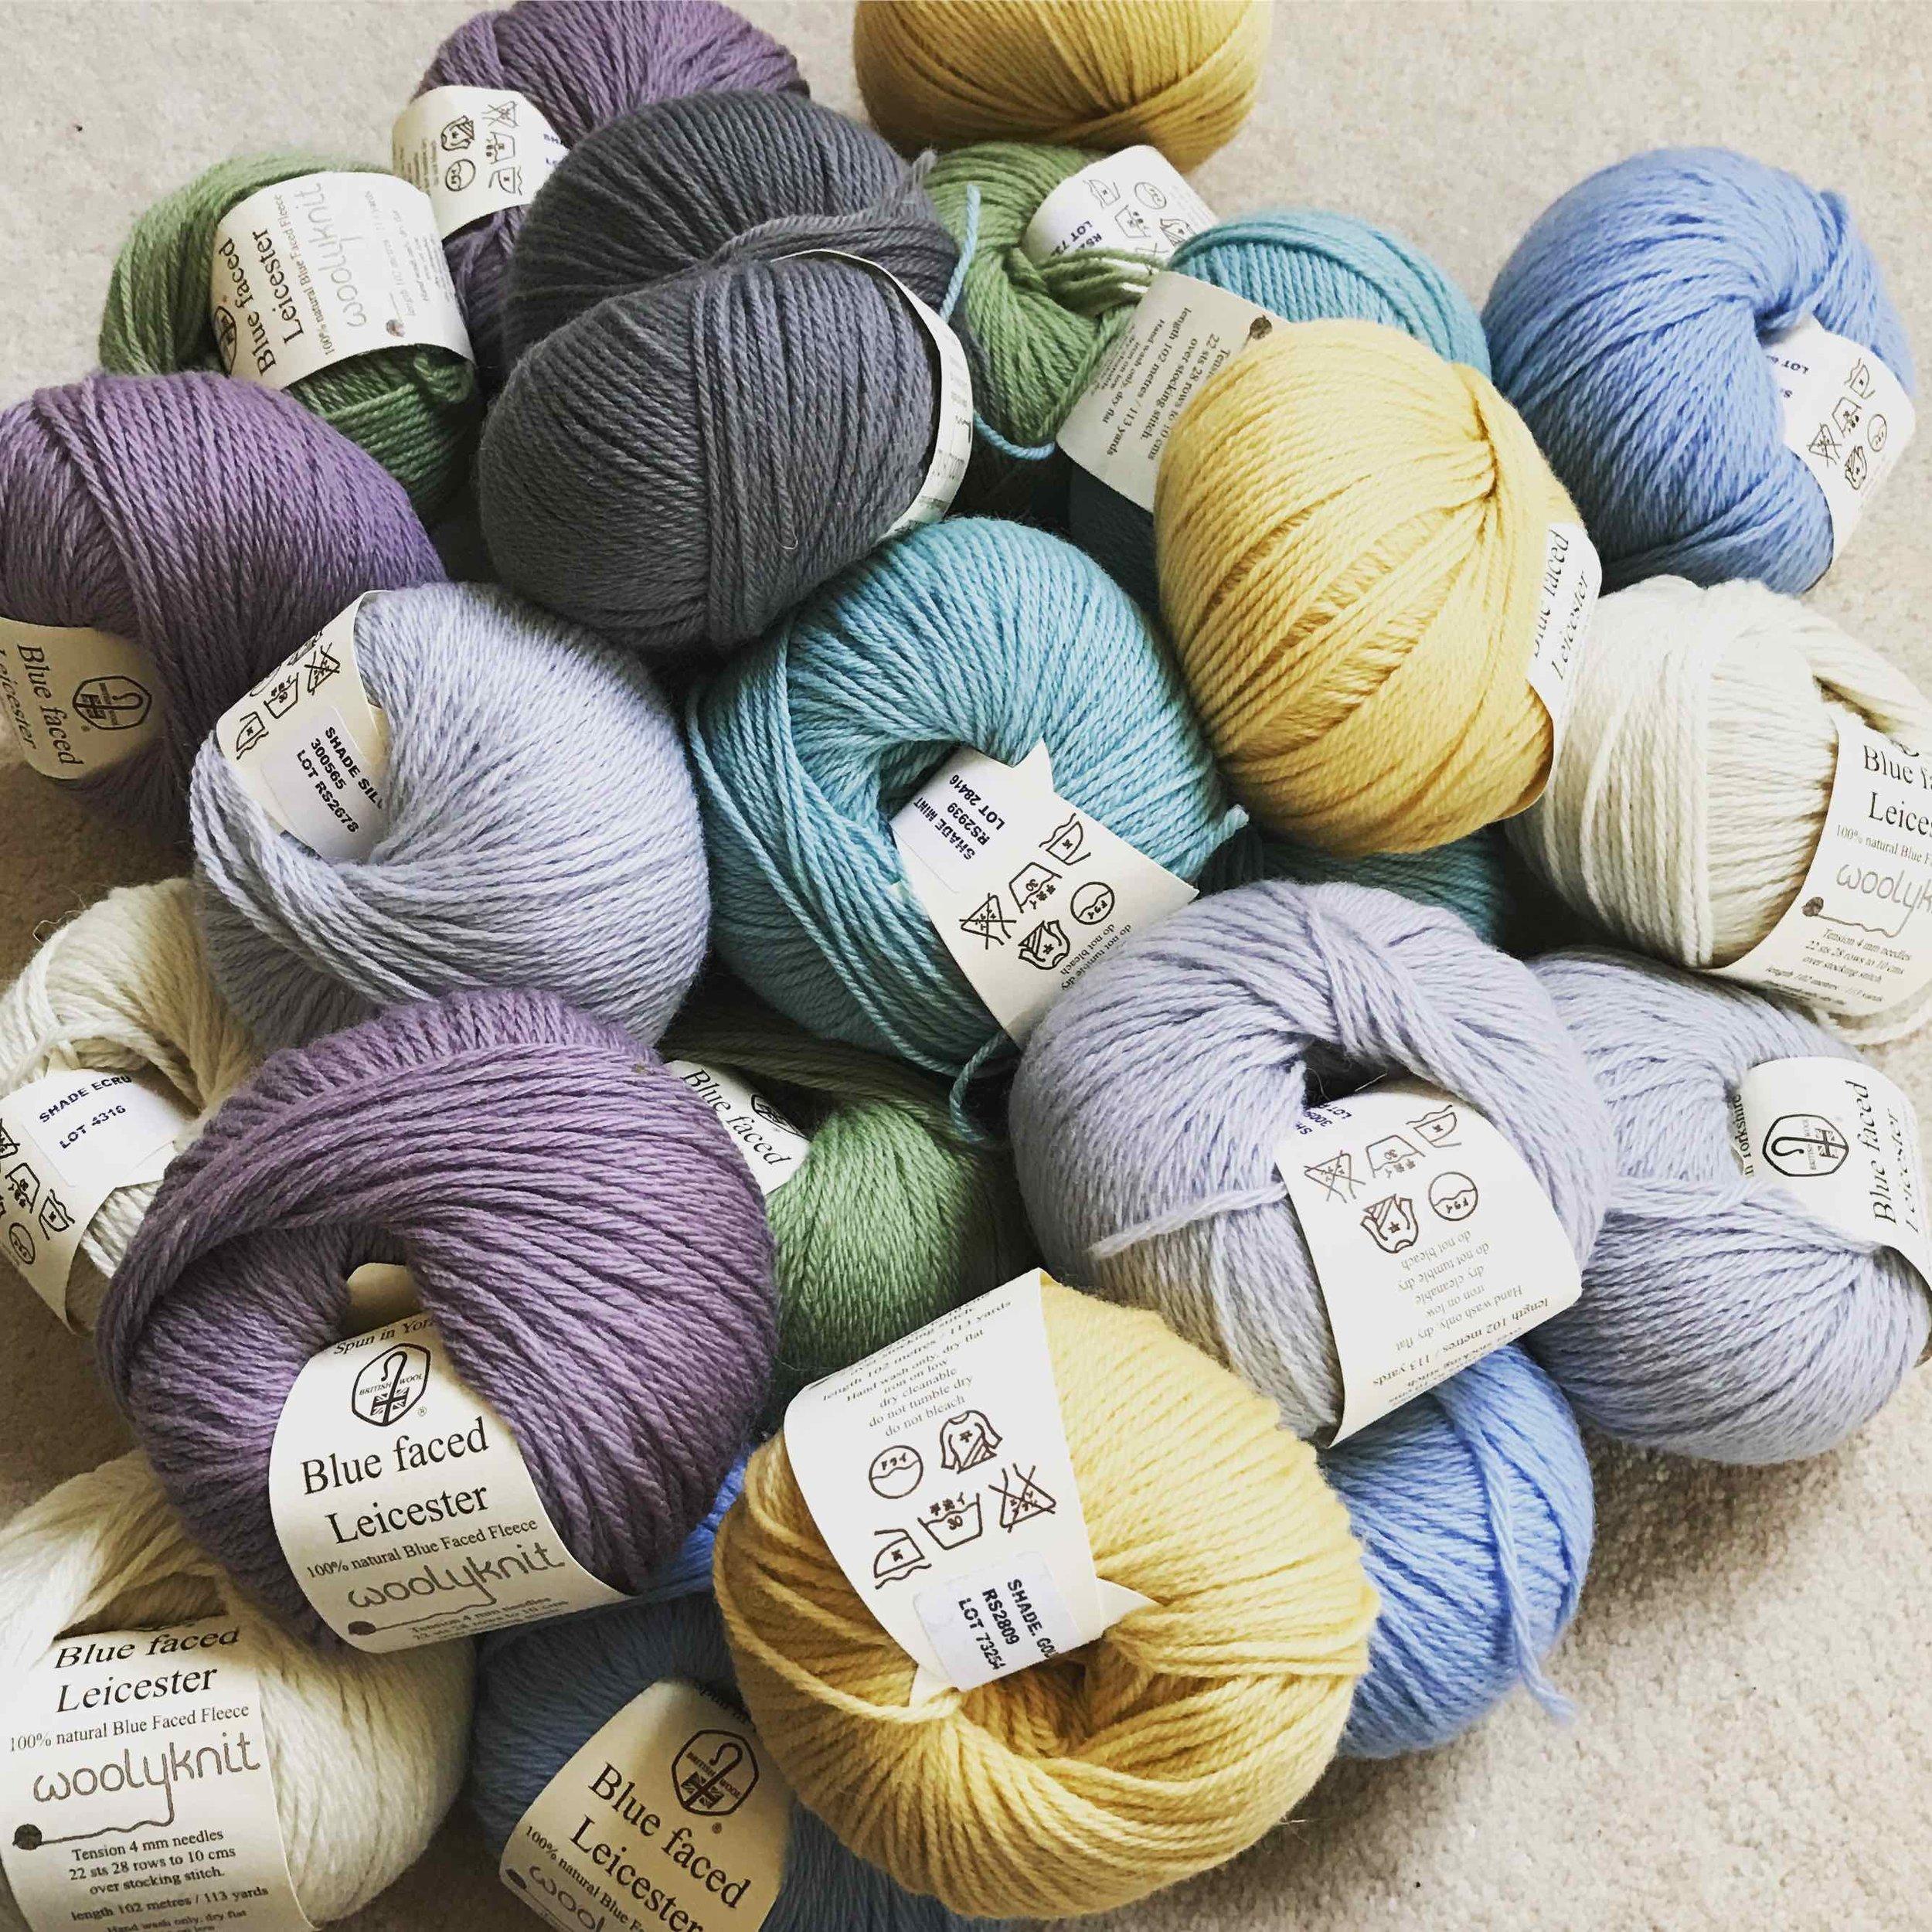 My yarn binge for a crochet blanket